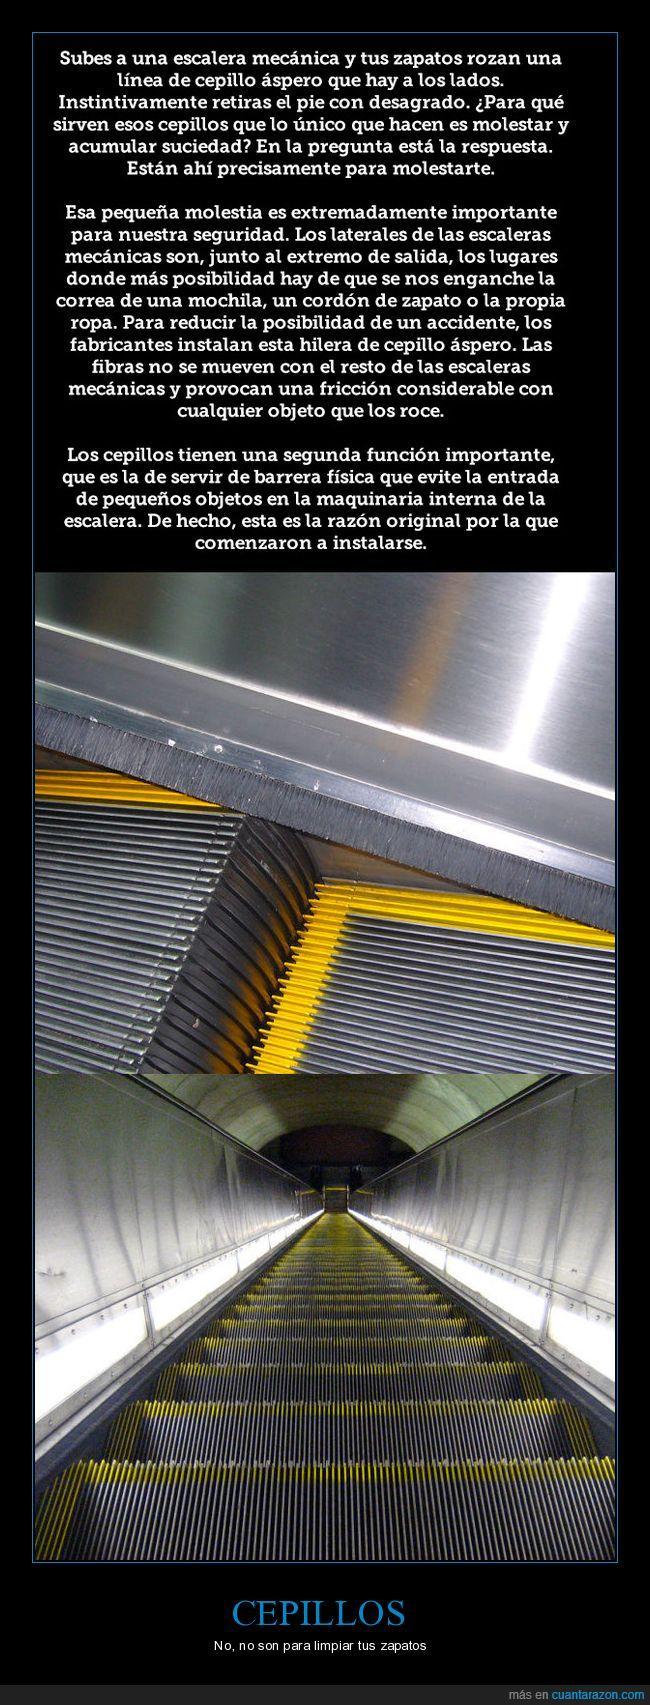 cepillos,escaleras mecánicas,utilidad